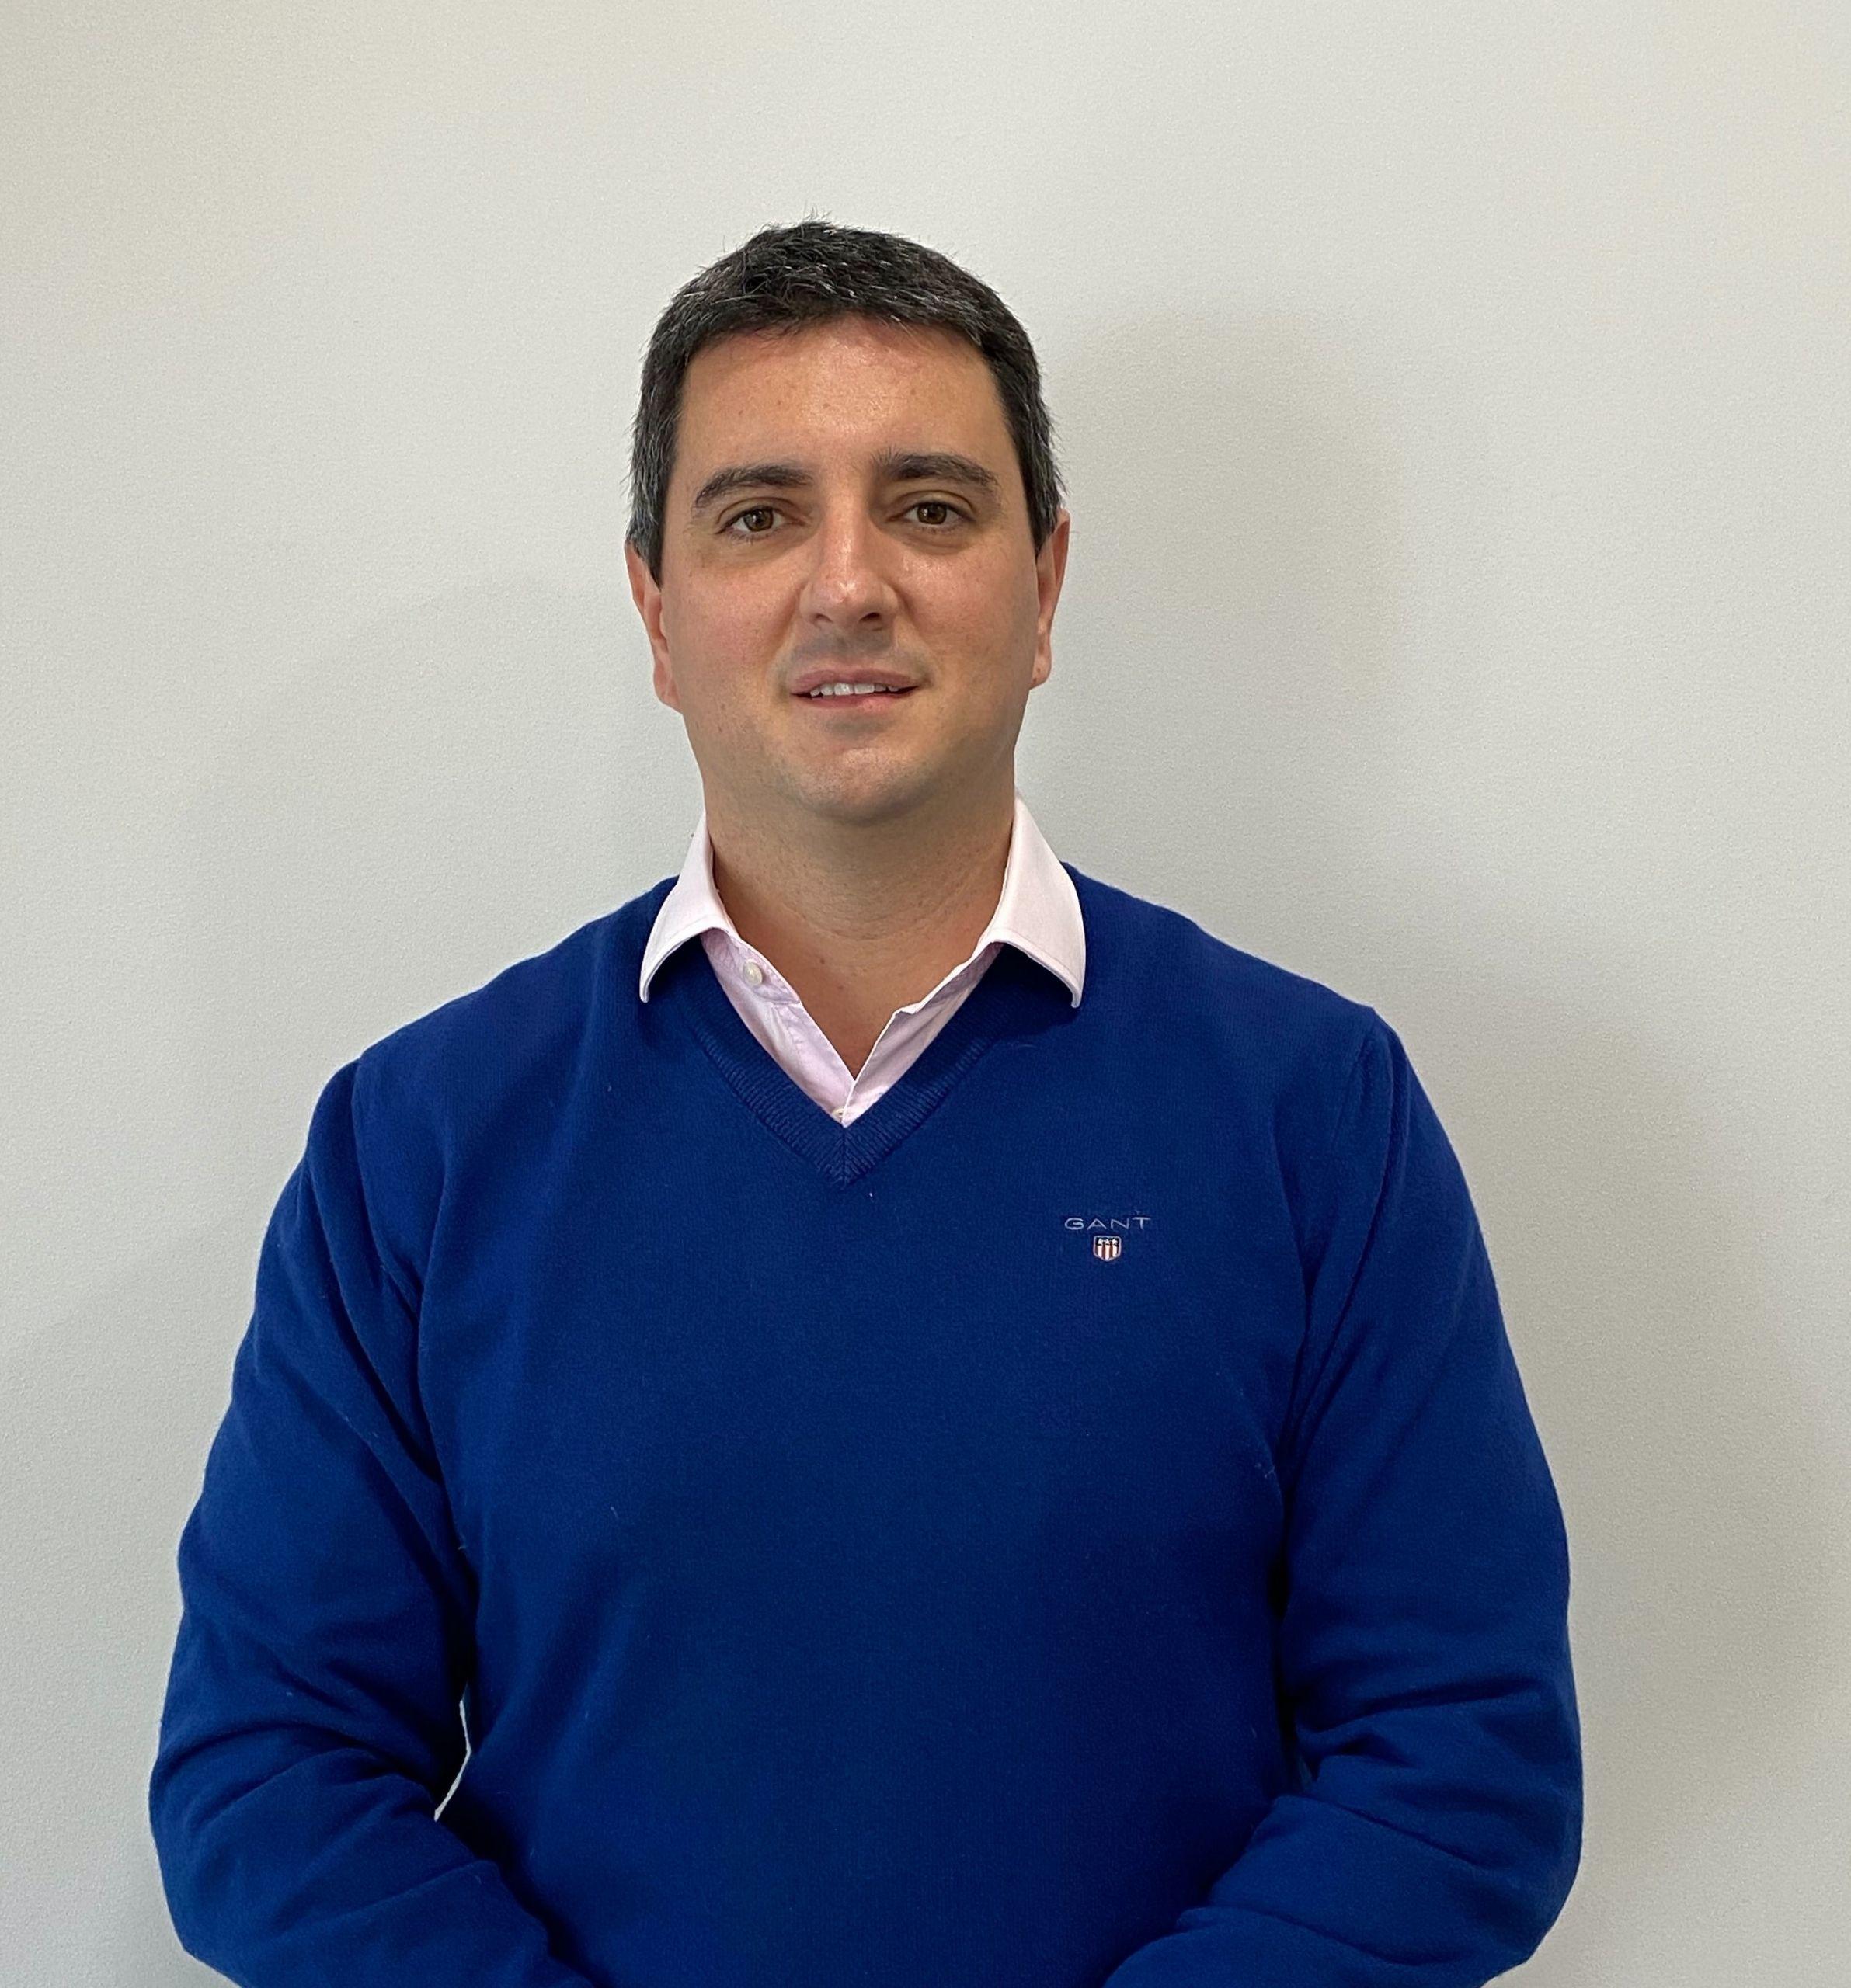 Carlos Callejas